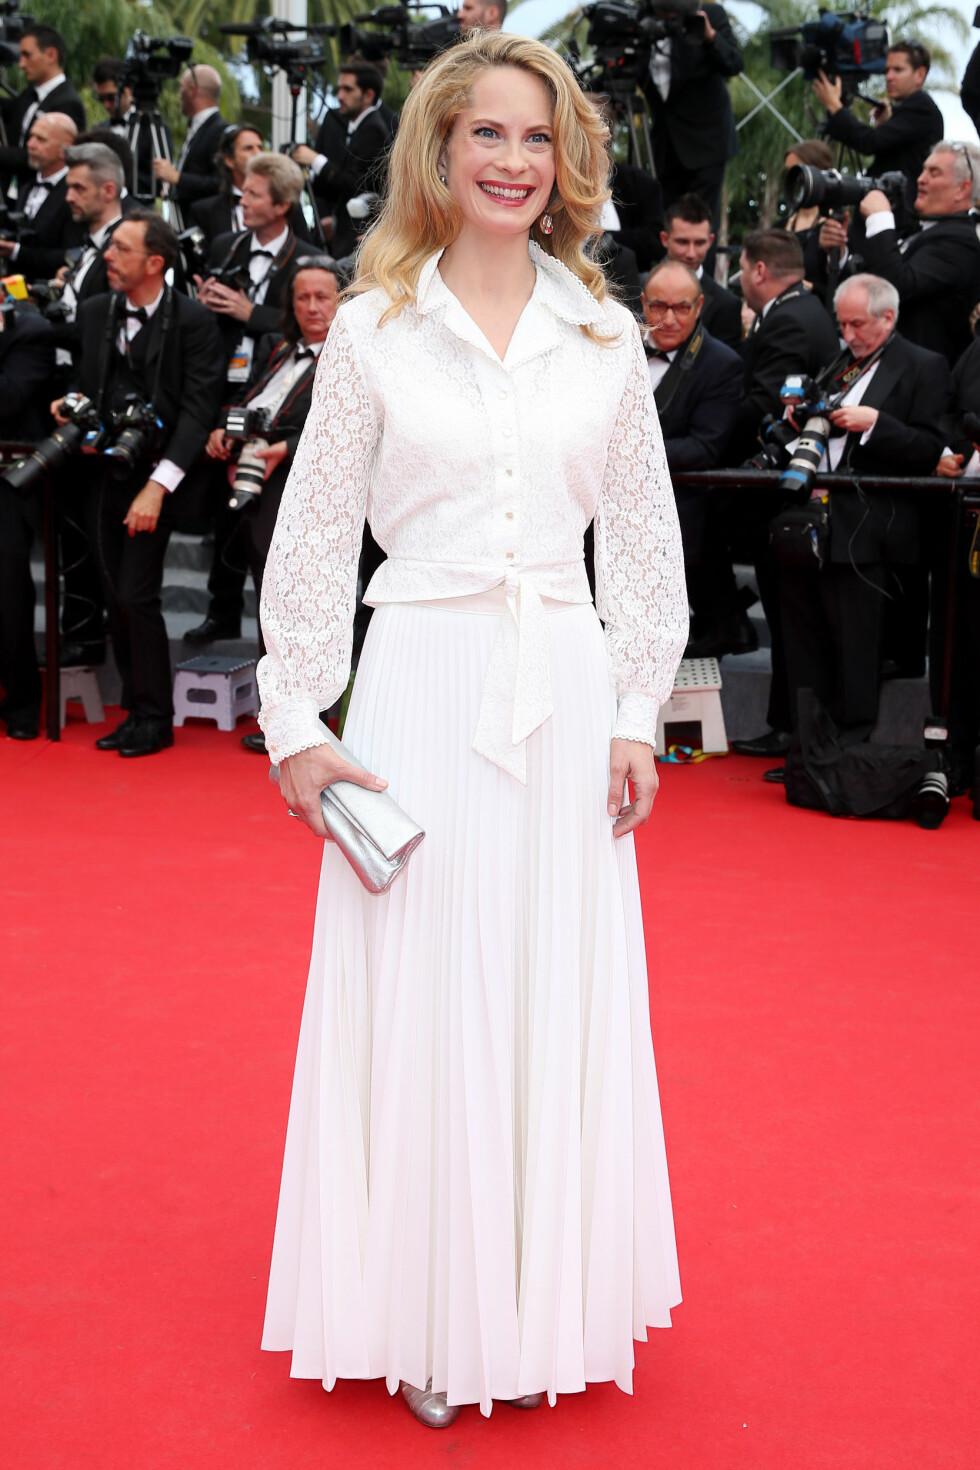 Den norske skuespilleren sitter i Cannes-juryen og gikk på løperen i en sommerlig hvit kjole kombinert med en blondeskjorte.  Foto: Stella Pictures